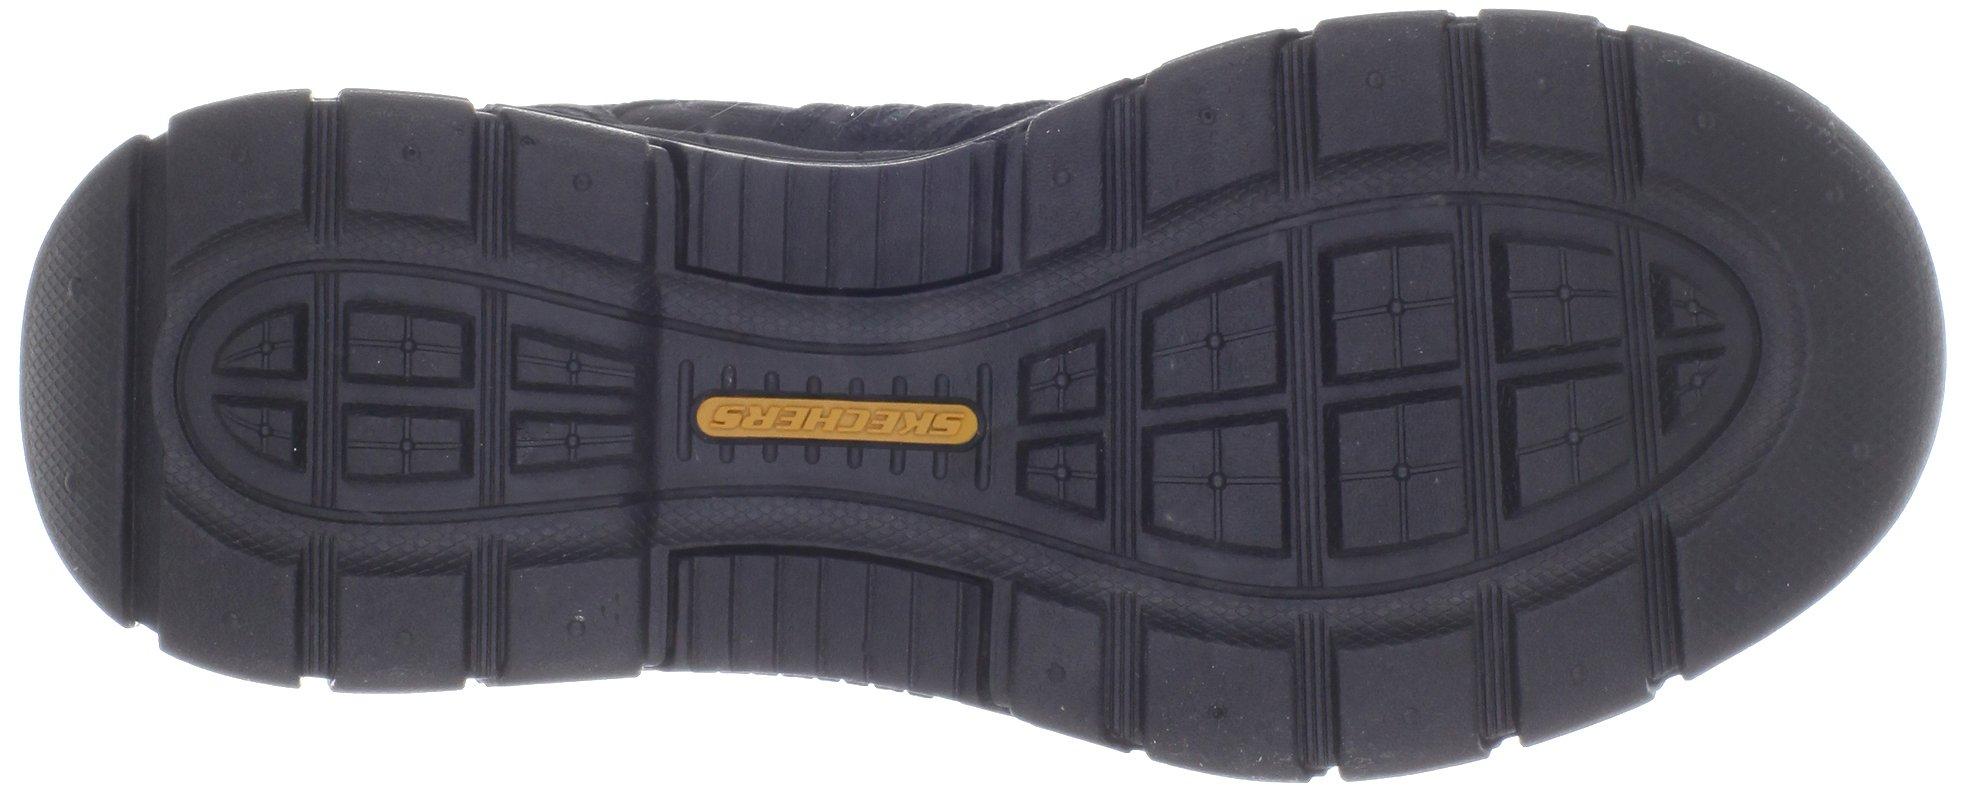 Skechers Sport Men's Relaxed-Fit Memory Foam Rig Hiking Shoe